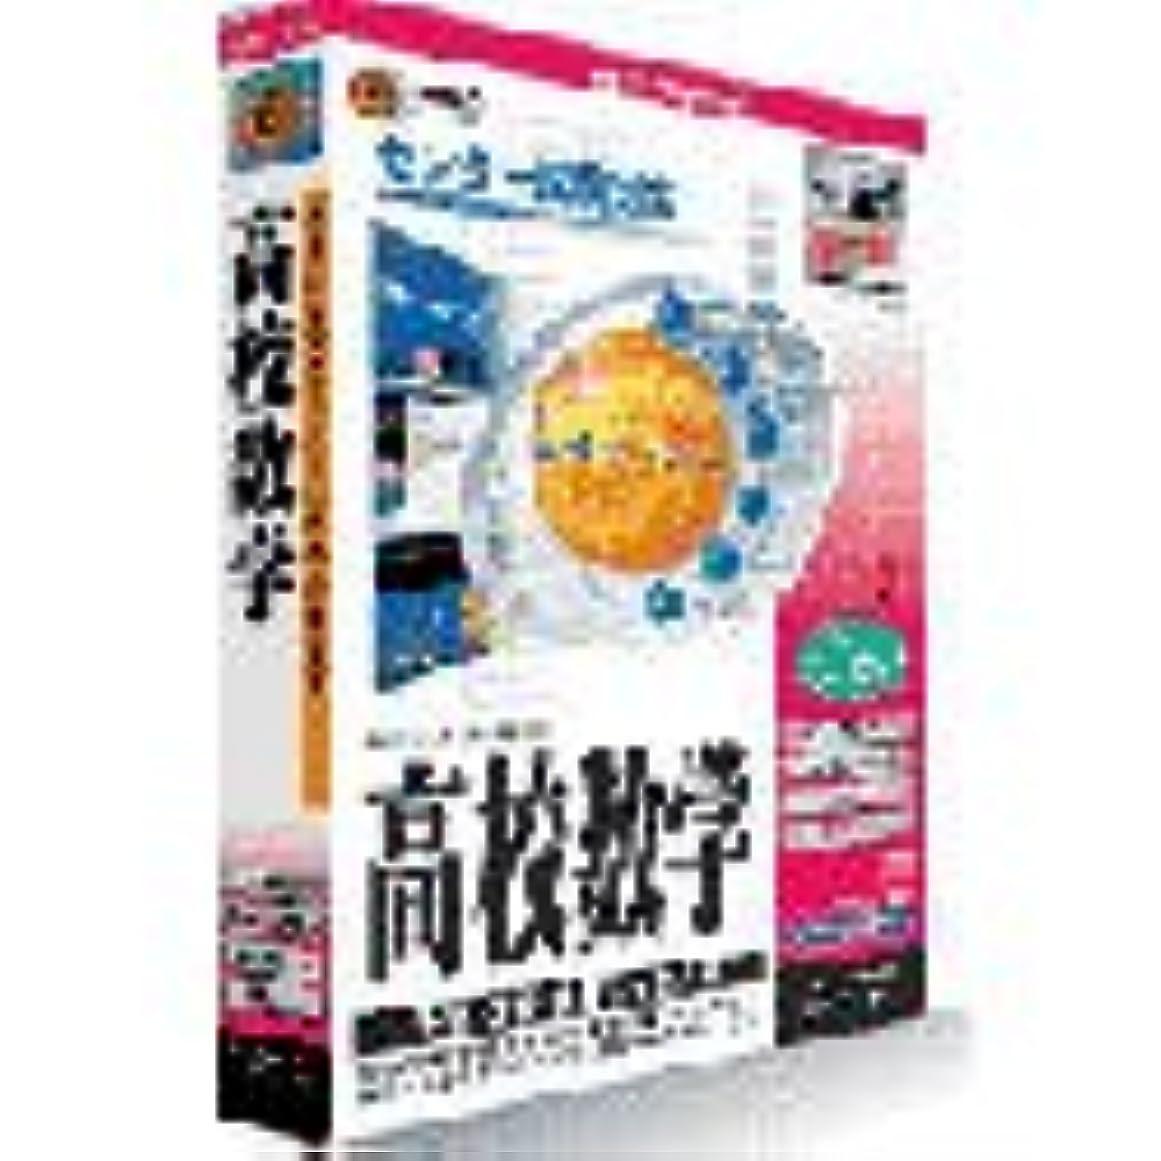 放棄されたジャンプ切り刻むmedia5 Special Version 3 高校シリーズ(大学受験対応) 高校数学